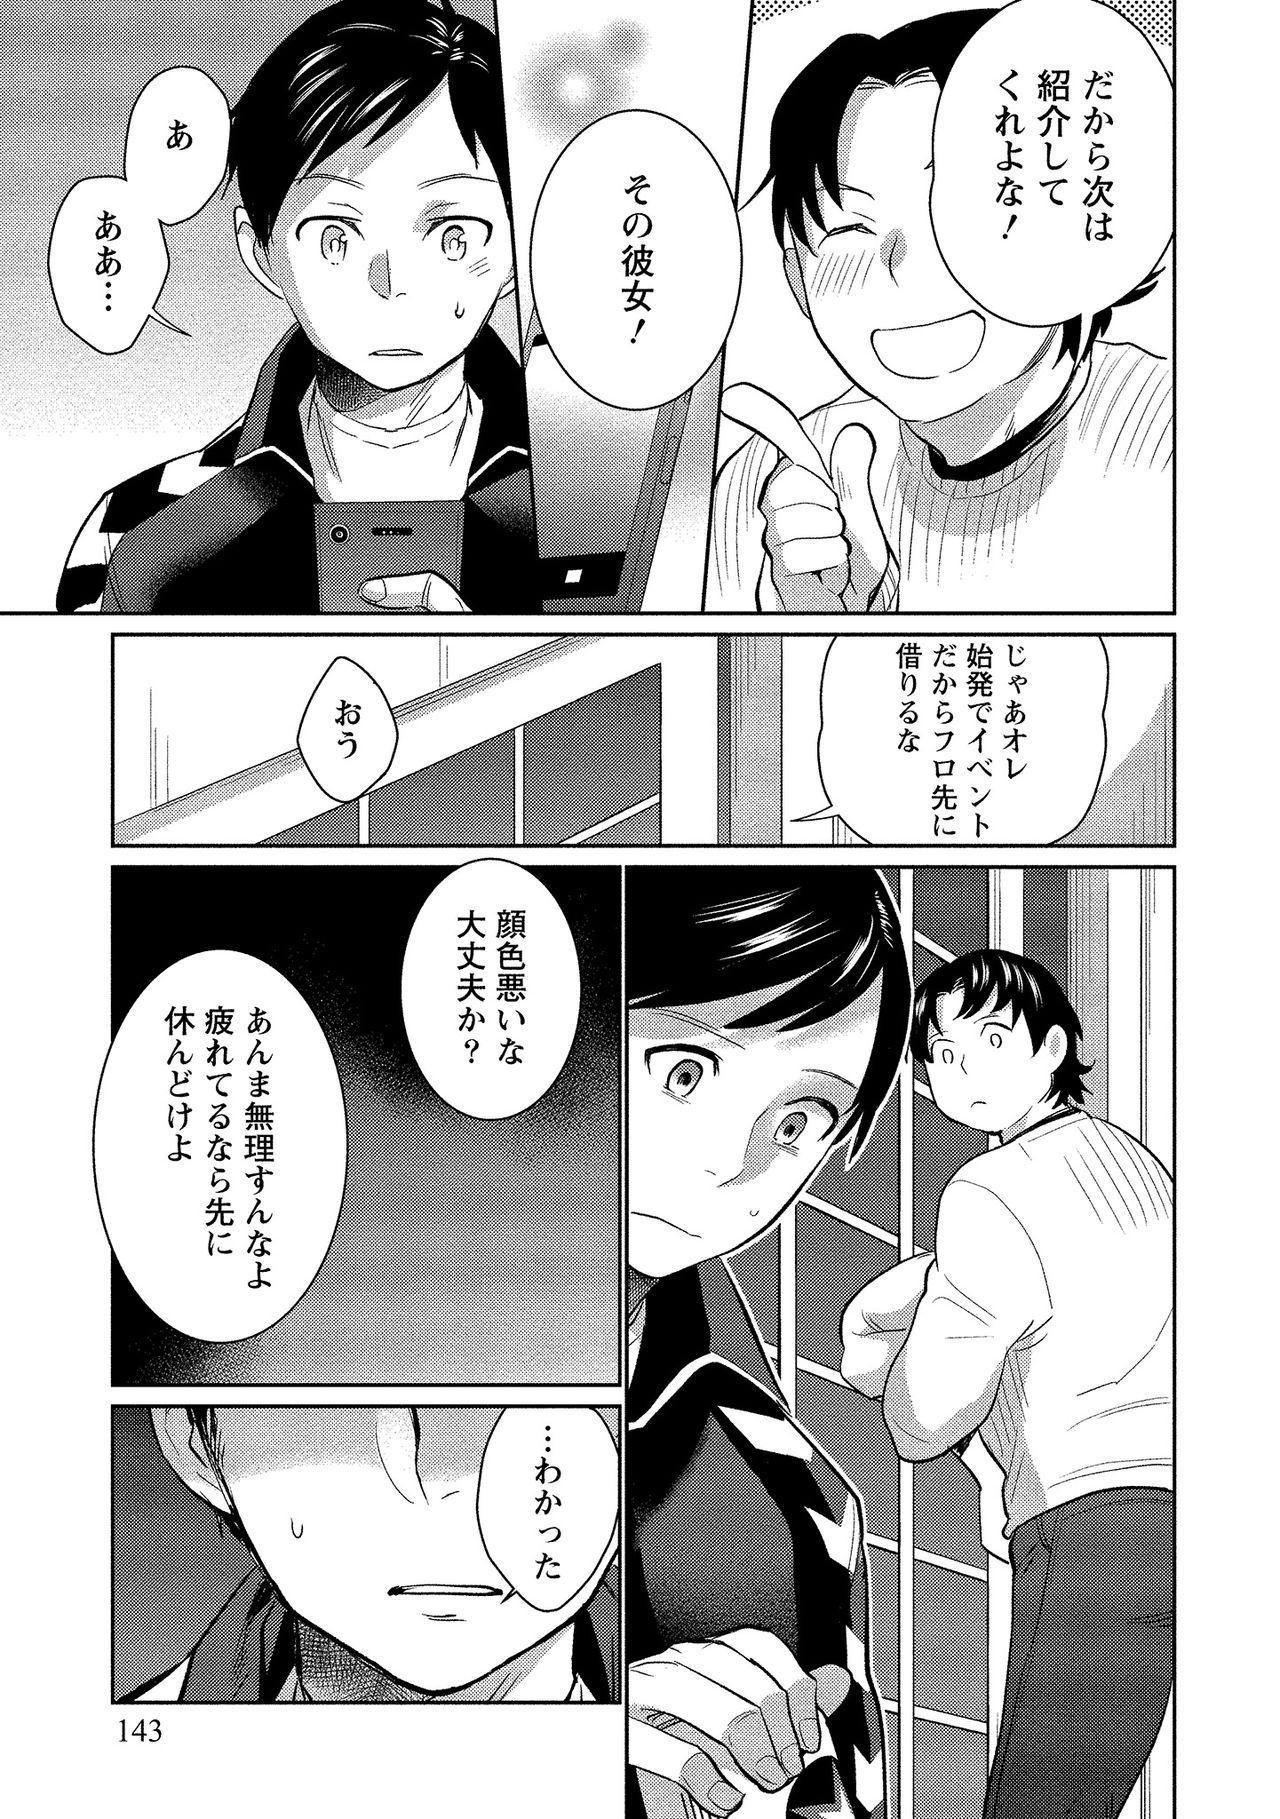 Dorobou Neko wa Kanojo no Hajimari 143